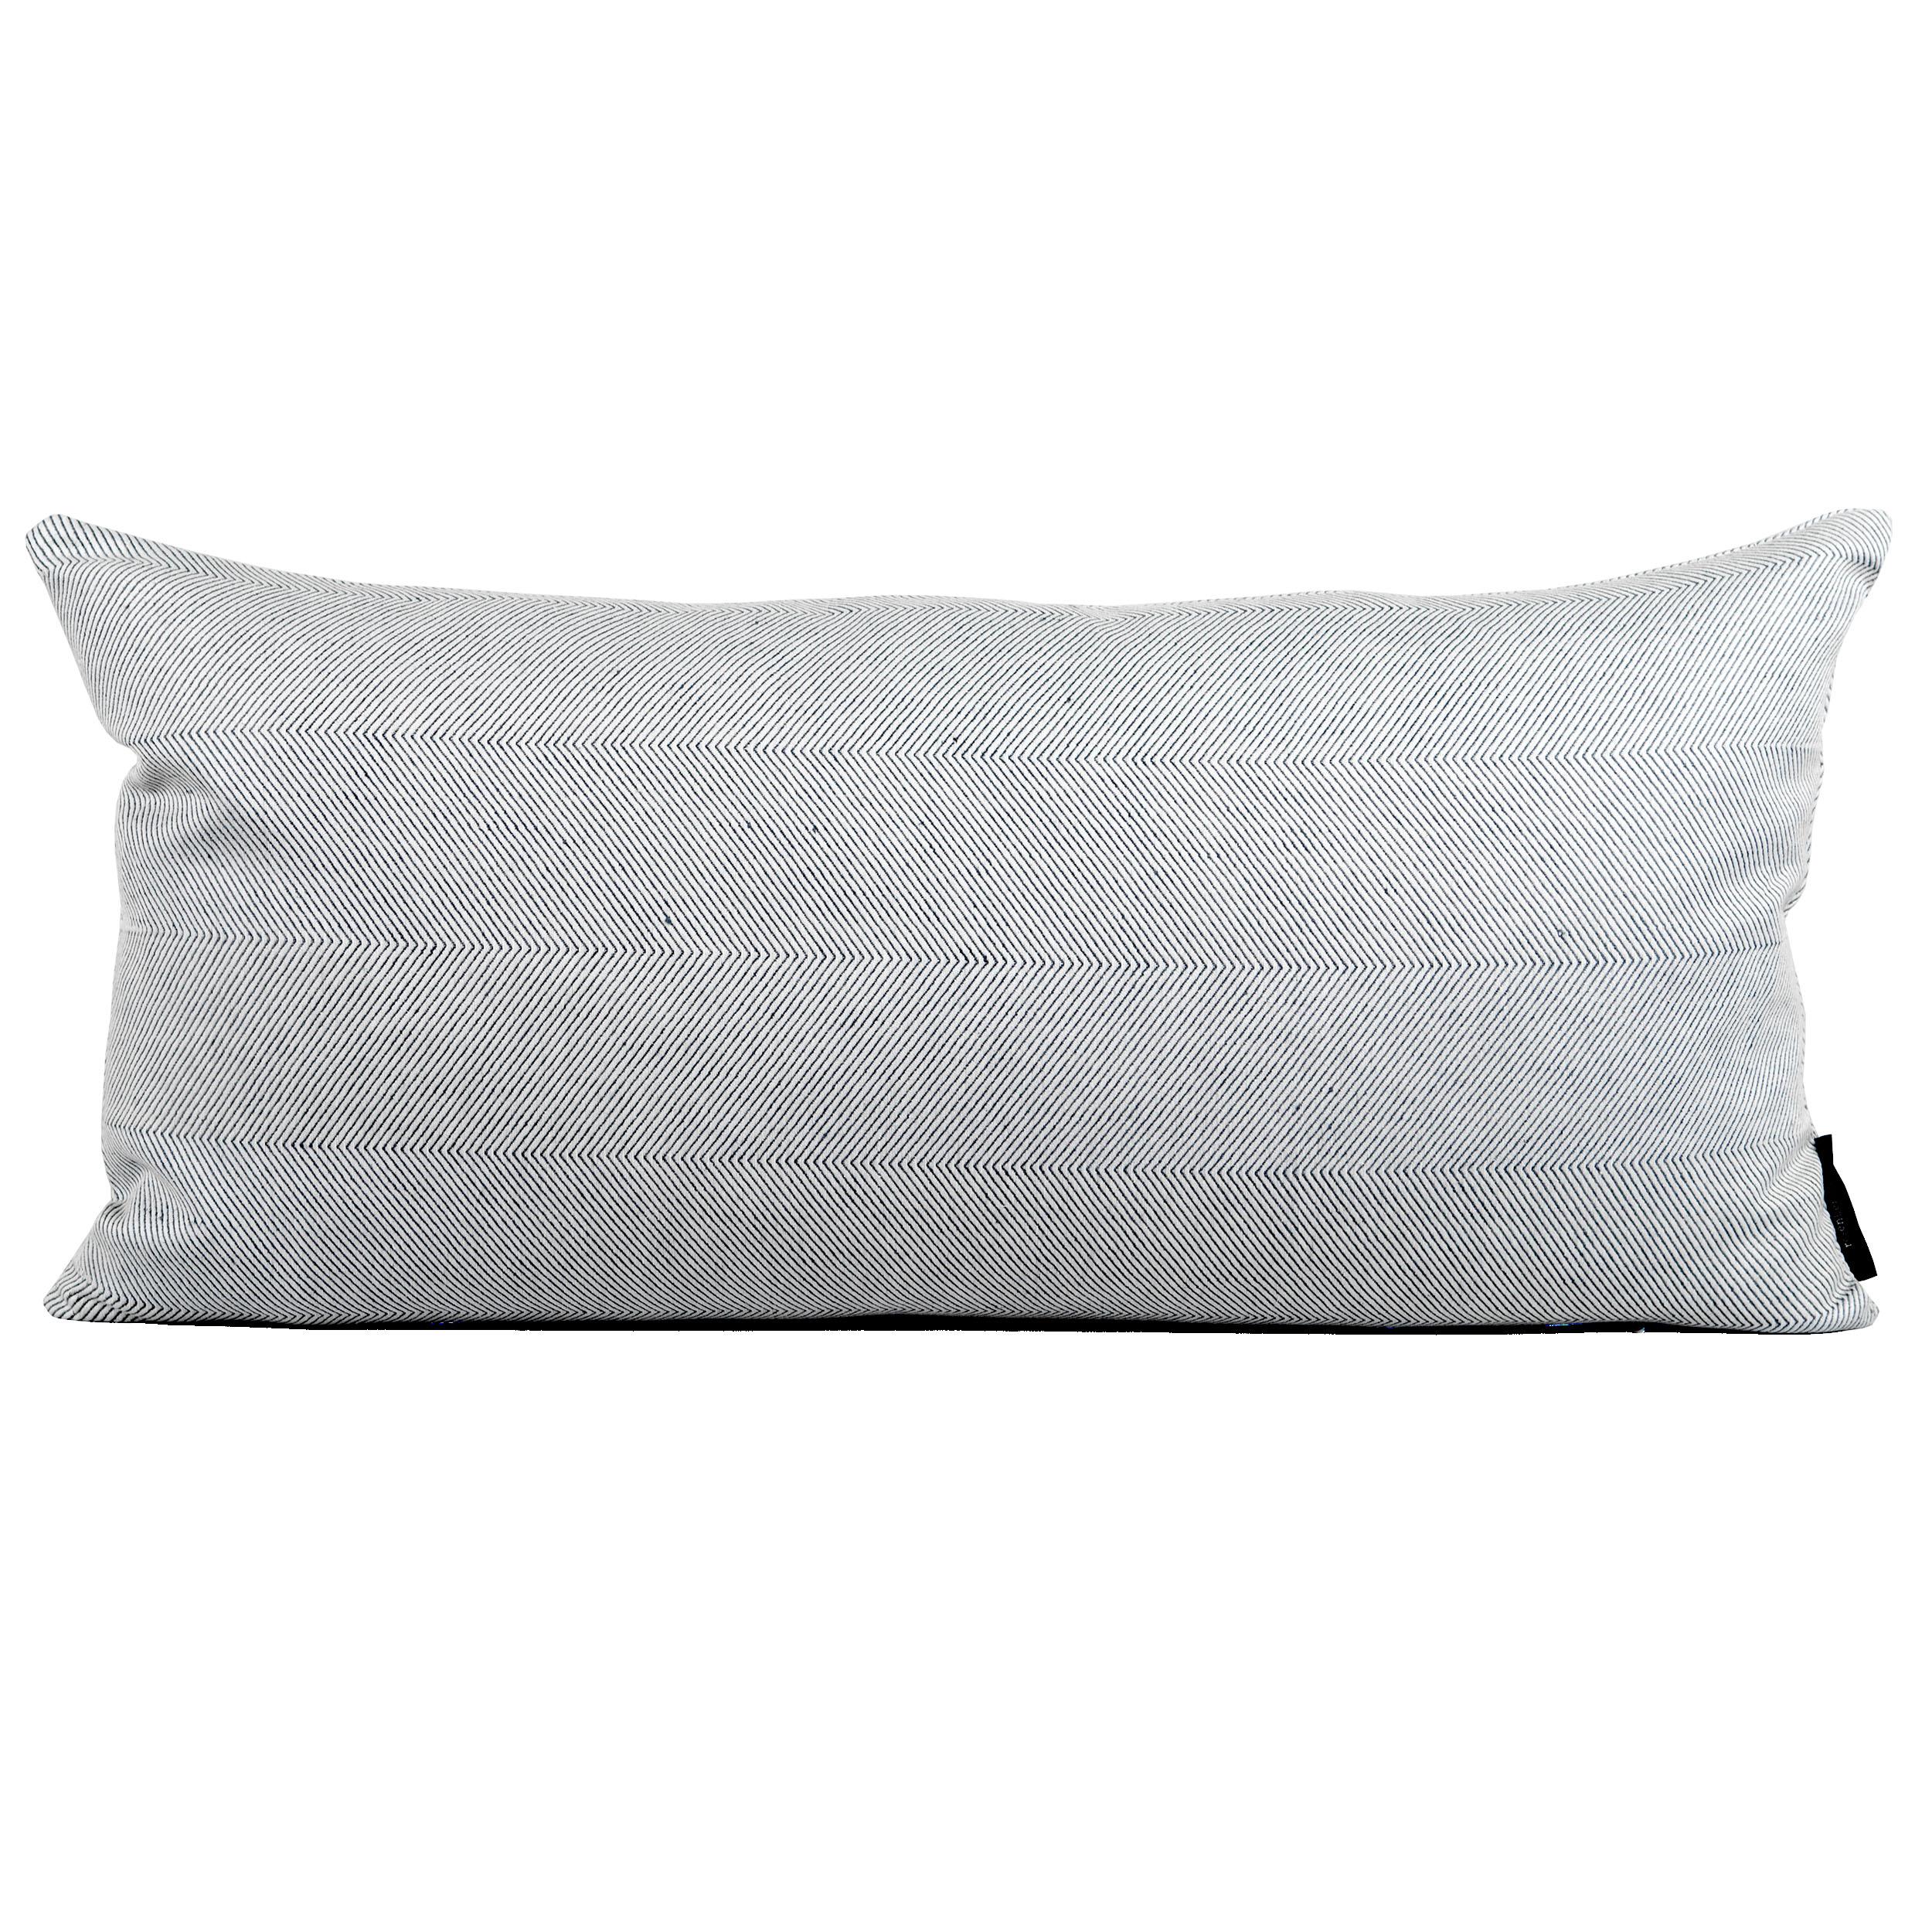 Rectangular cushion linen/cotton light blue design by Anne Rosenberg, RosenbergCph